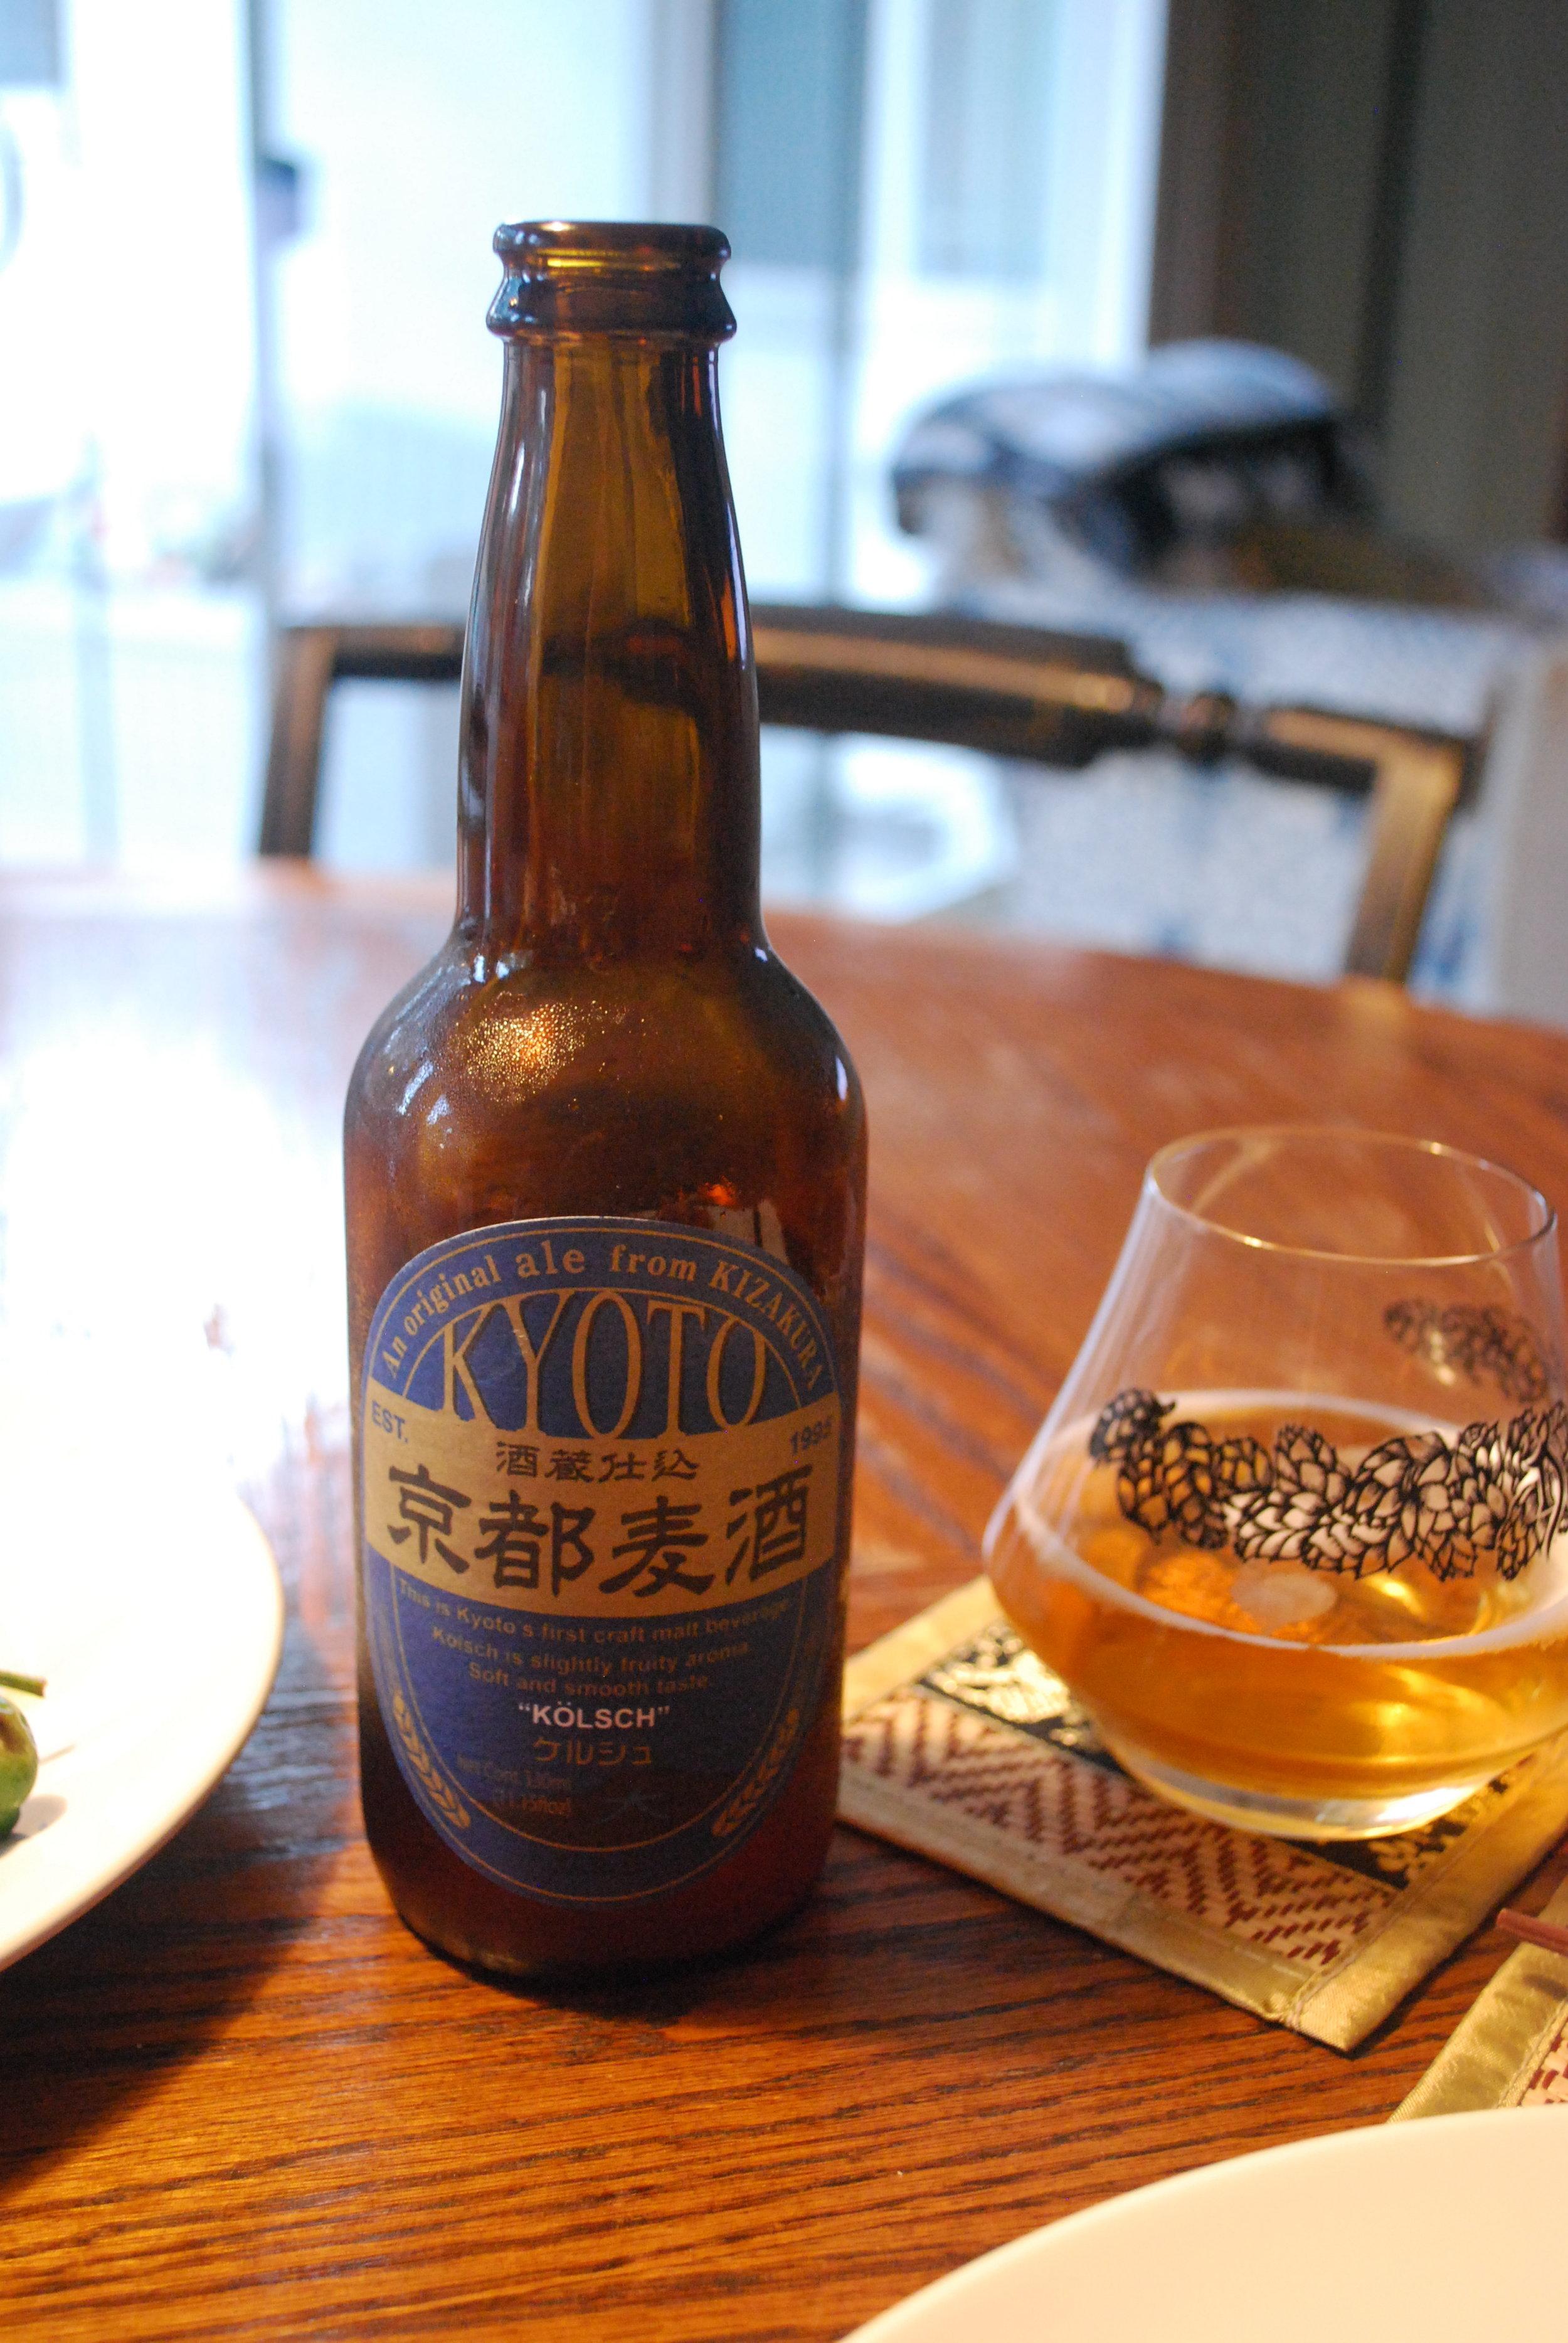 Kizakura Kyoto Kolsch